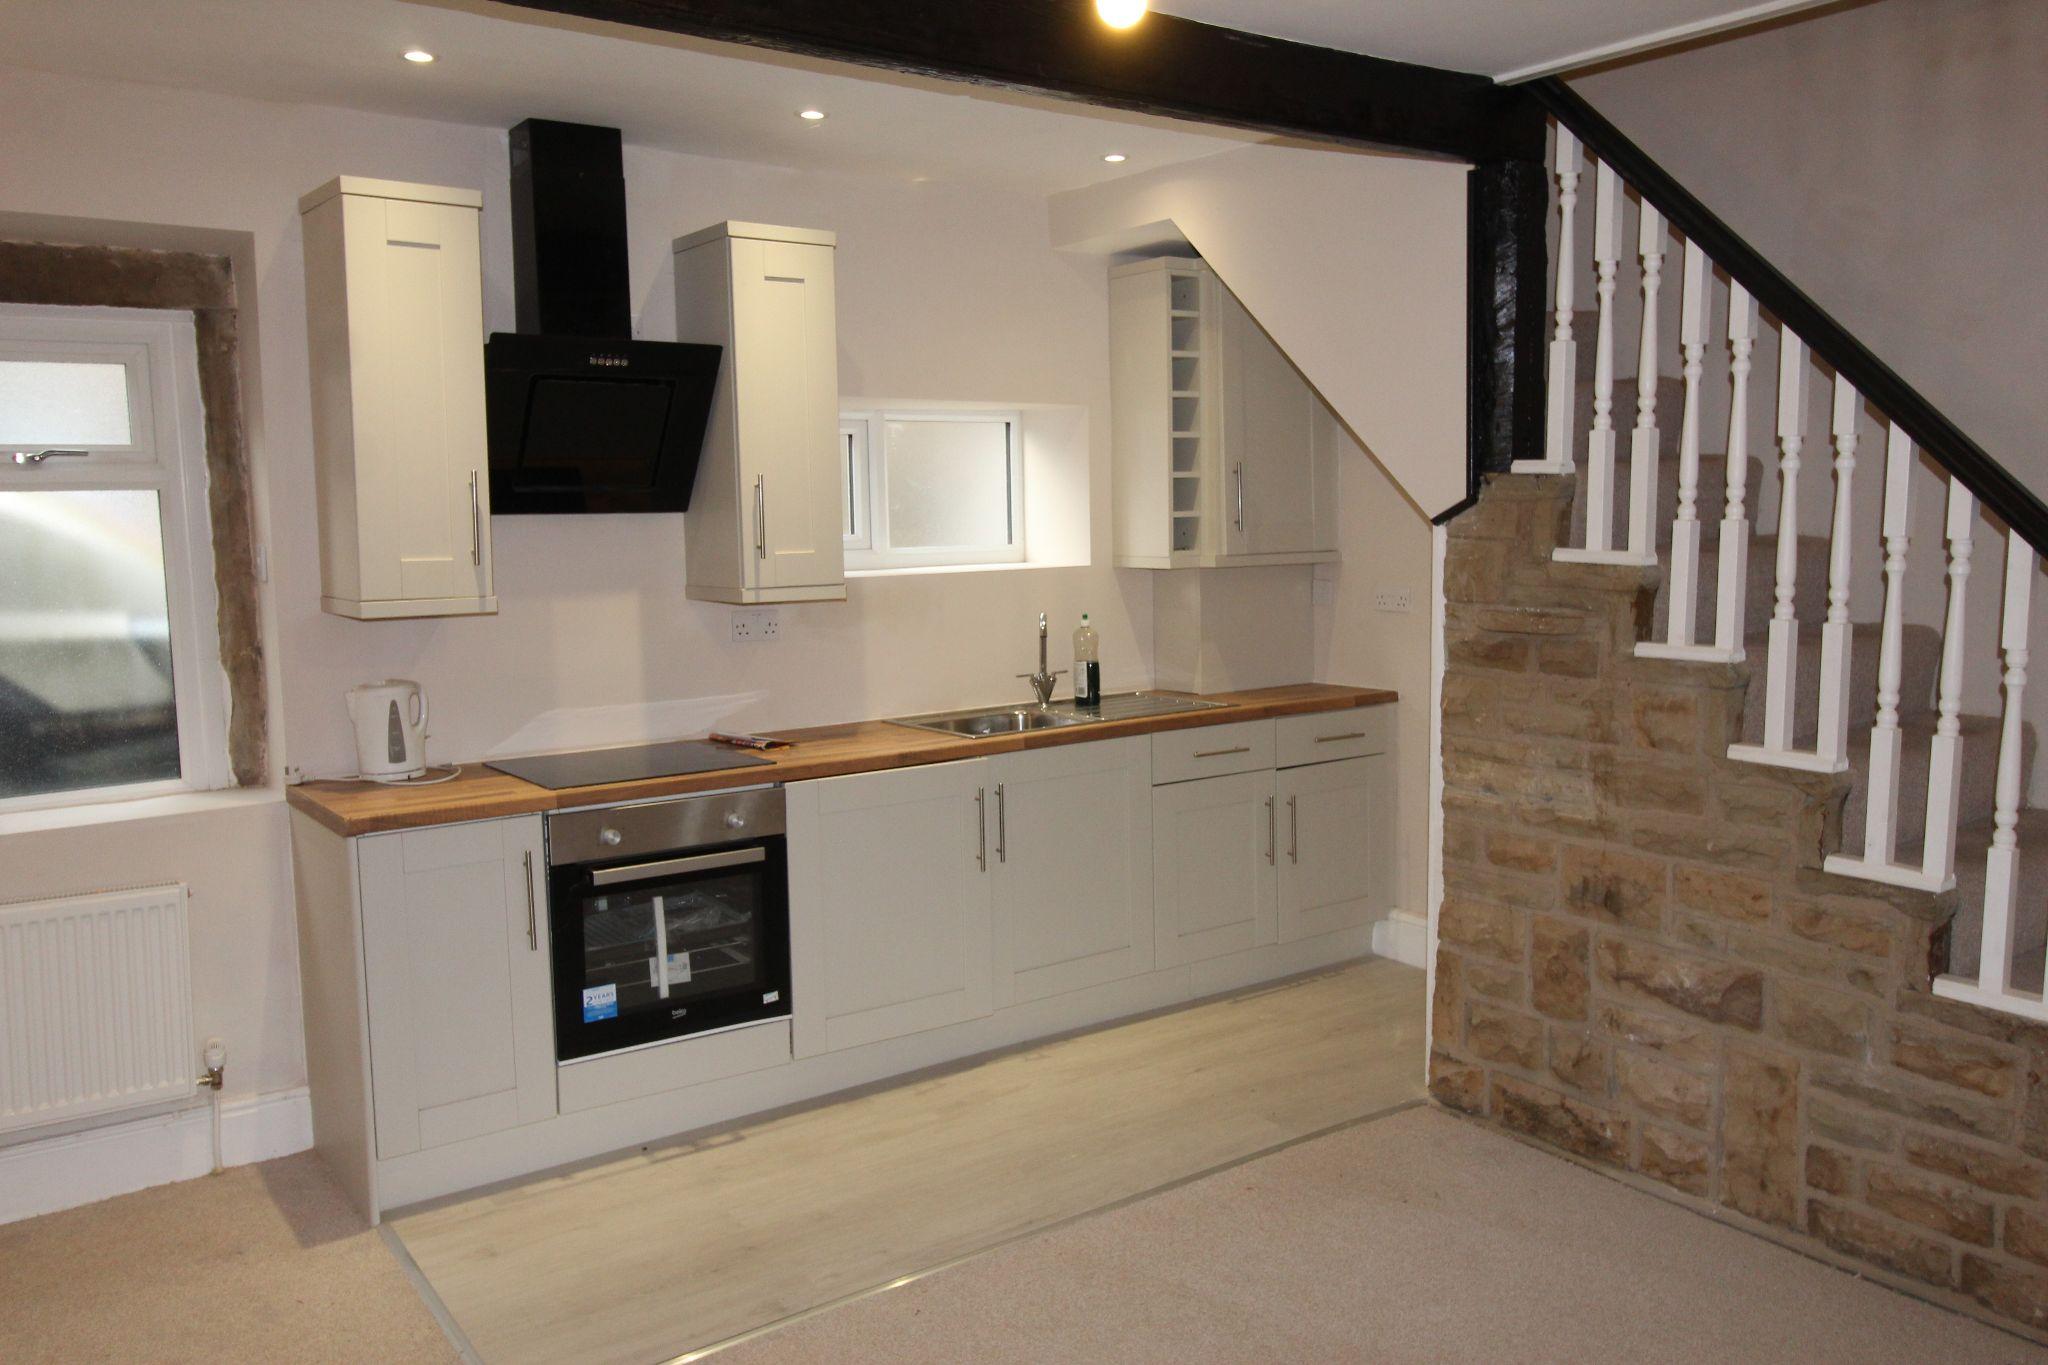 1 bedroom cottage house Let in Bradford - Kitchen